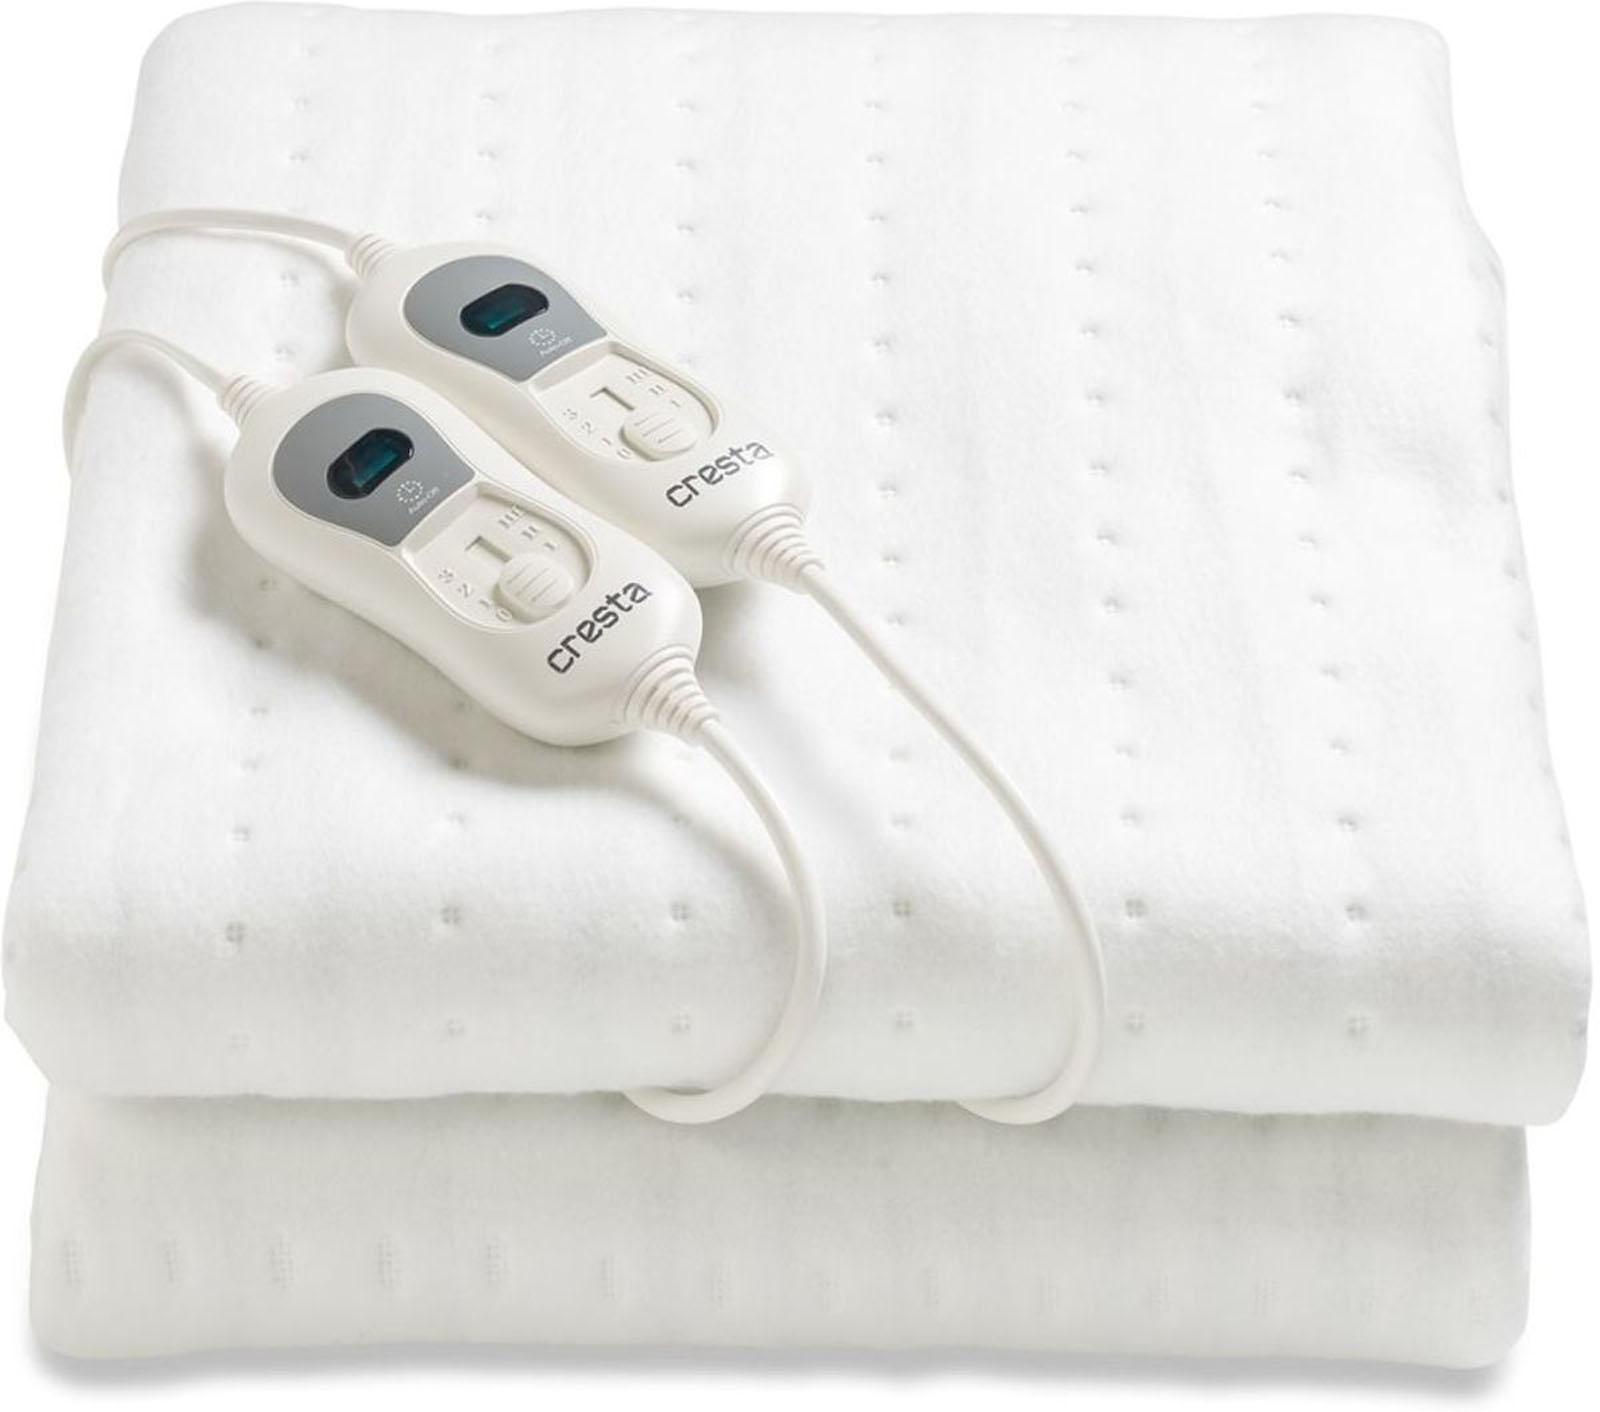 Cresta elektrische deken KTS120 (Wit) - Prijsvergelijk